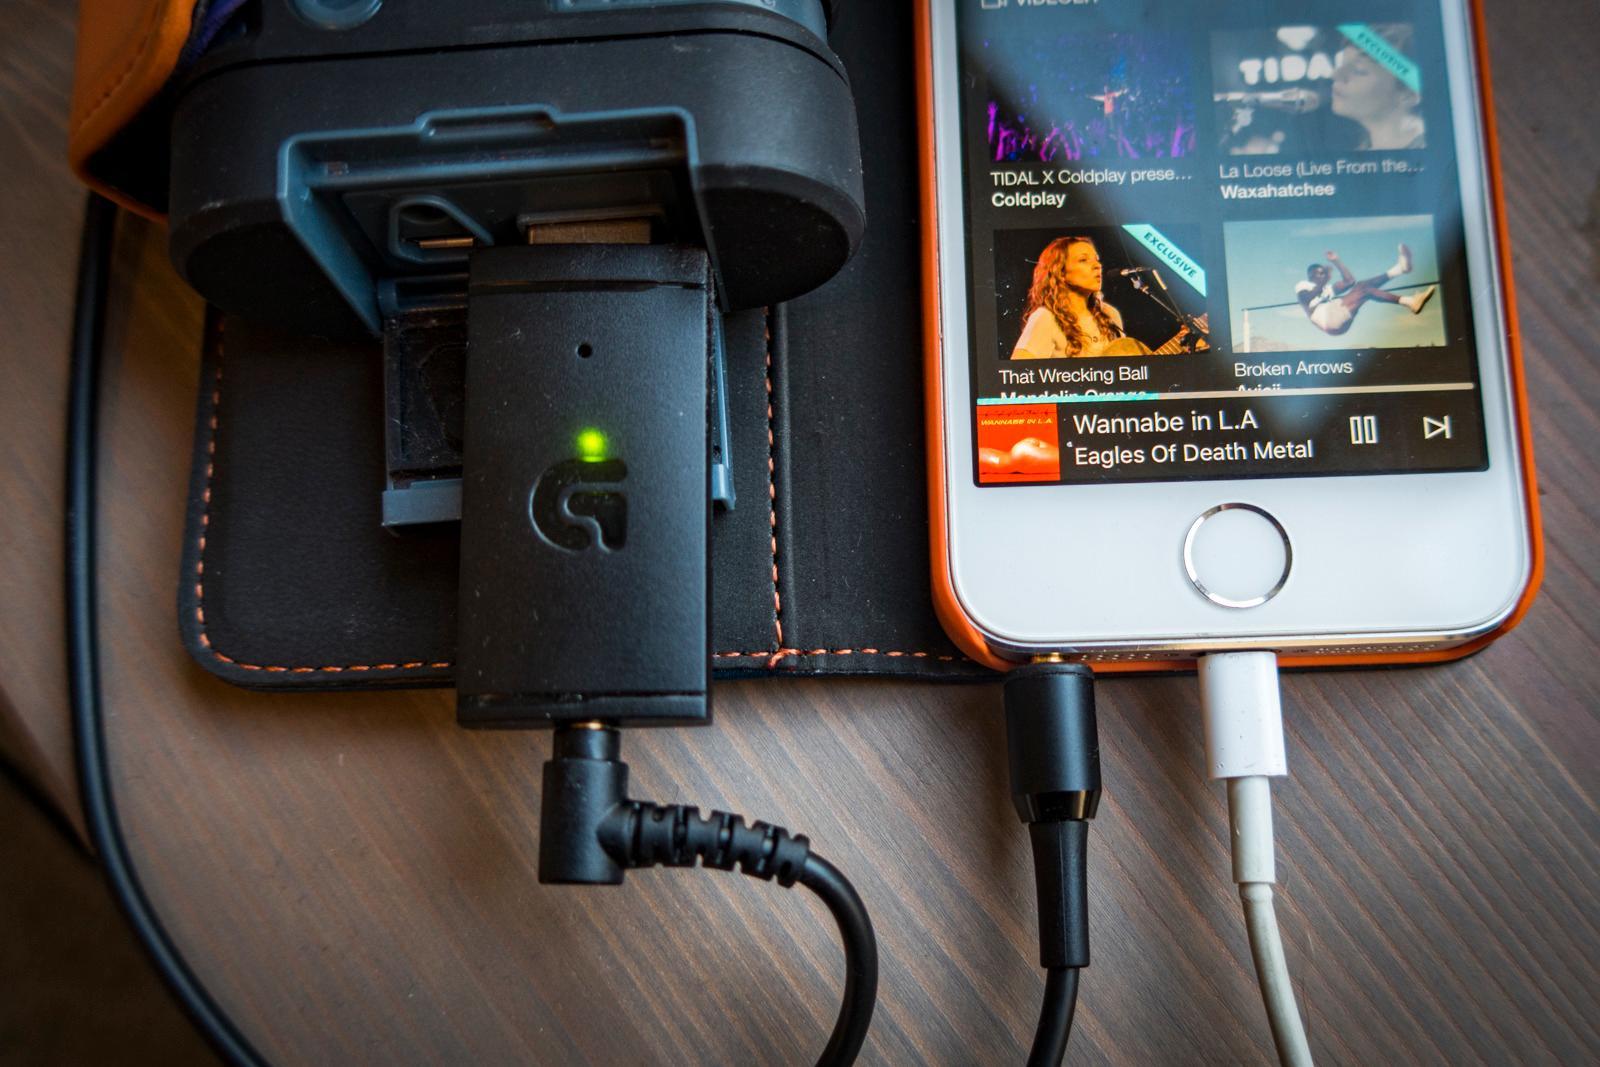 Så lenge senderen har strøm kan du koble til hva som helst med mini-jack; her har vi koblet til telefonen og henter strøm fra et nødbatteri. Foto: Kristoffer Møllevik, Tek.no